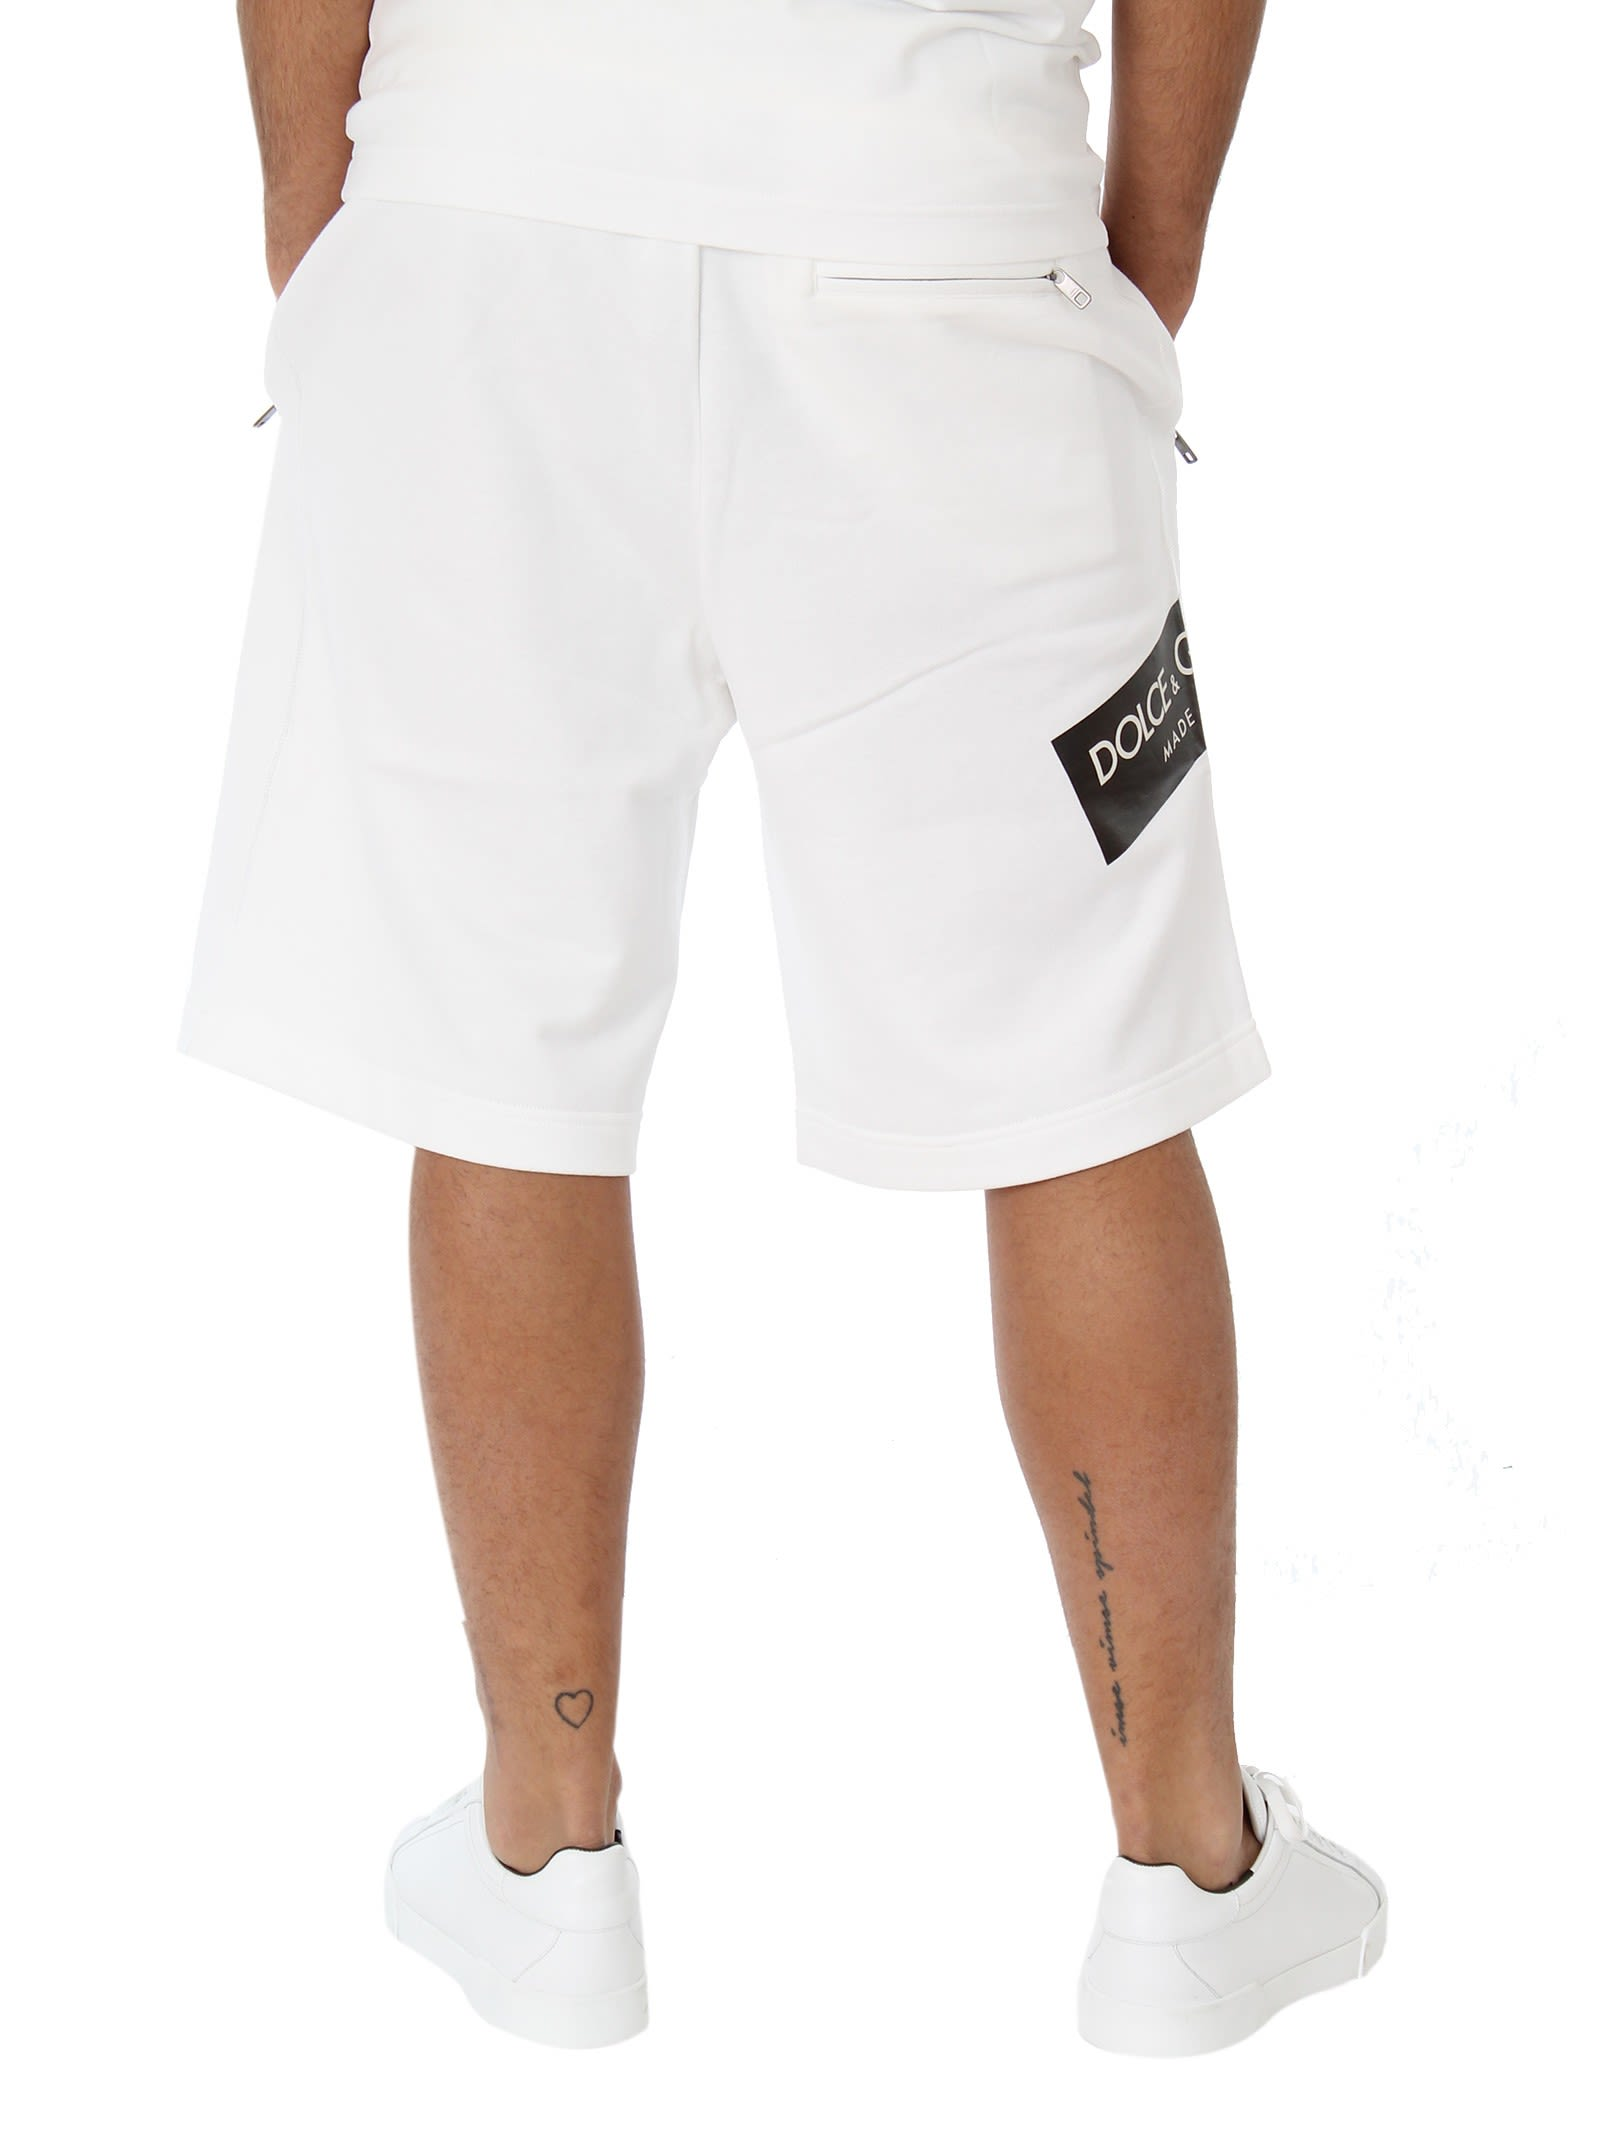 TROUSERS - Bermuda shorts Dolce & Gabbana dBTaY